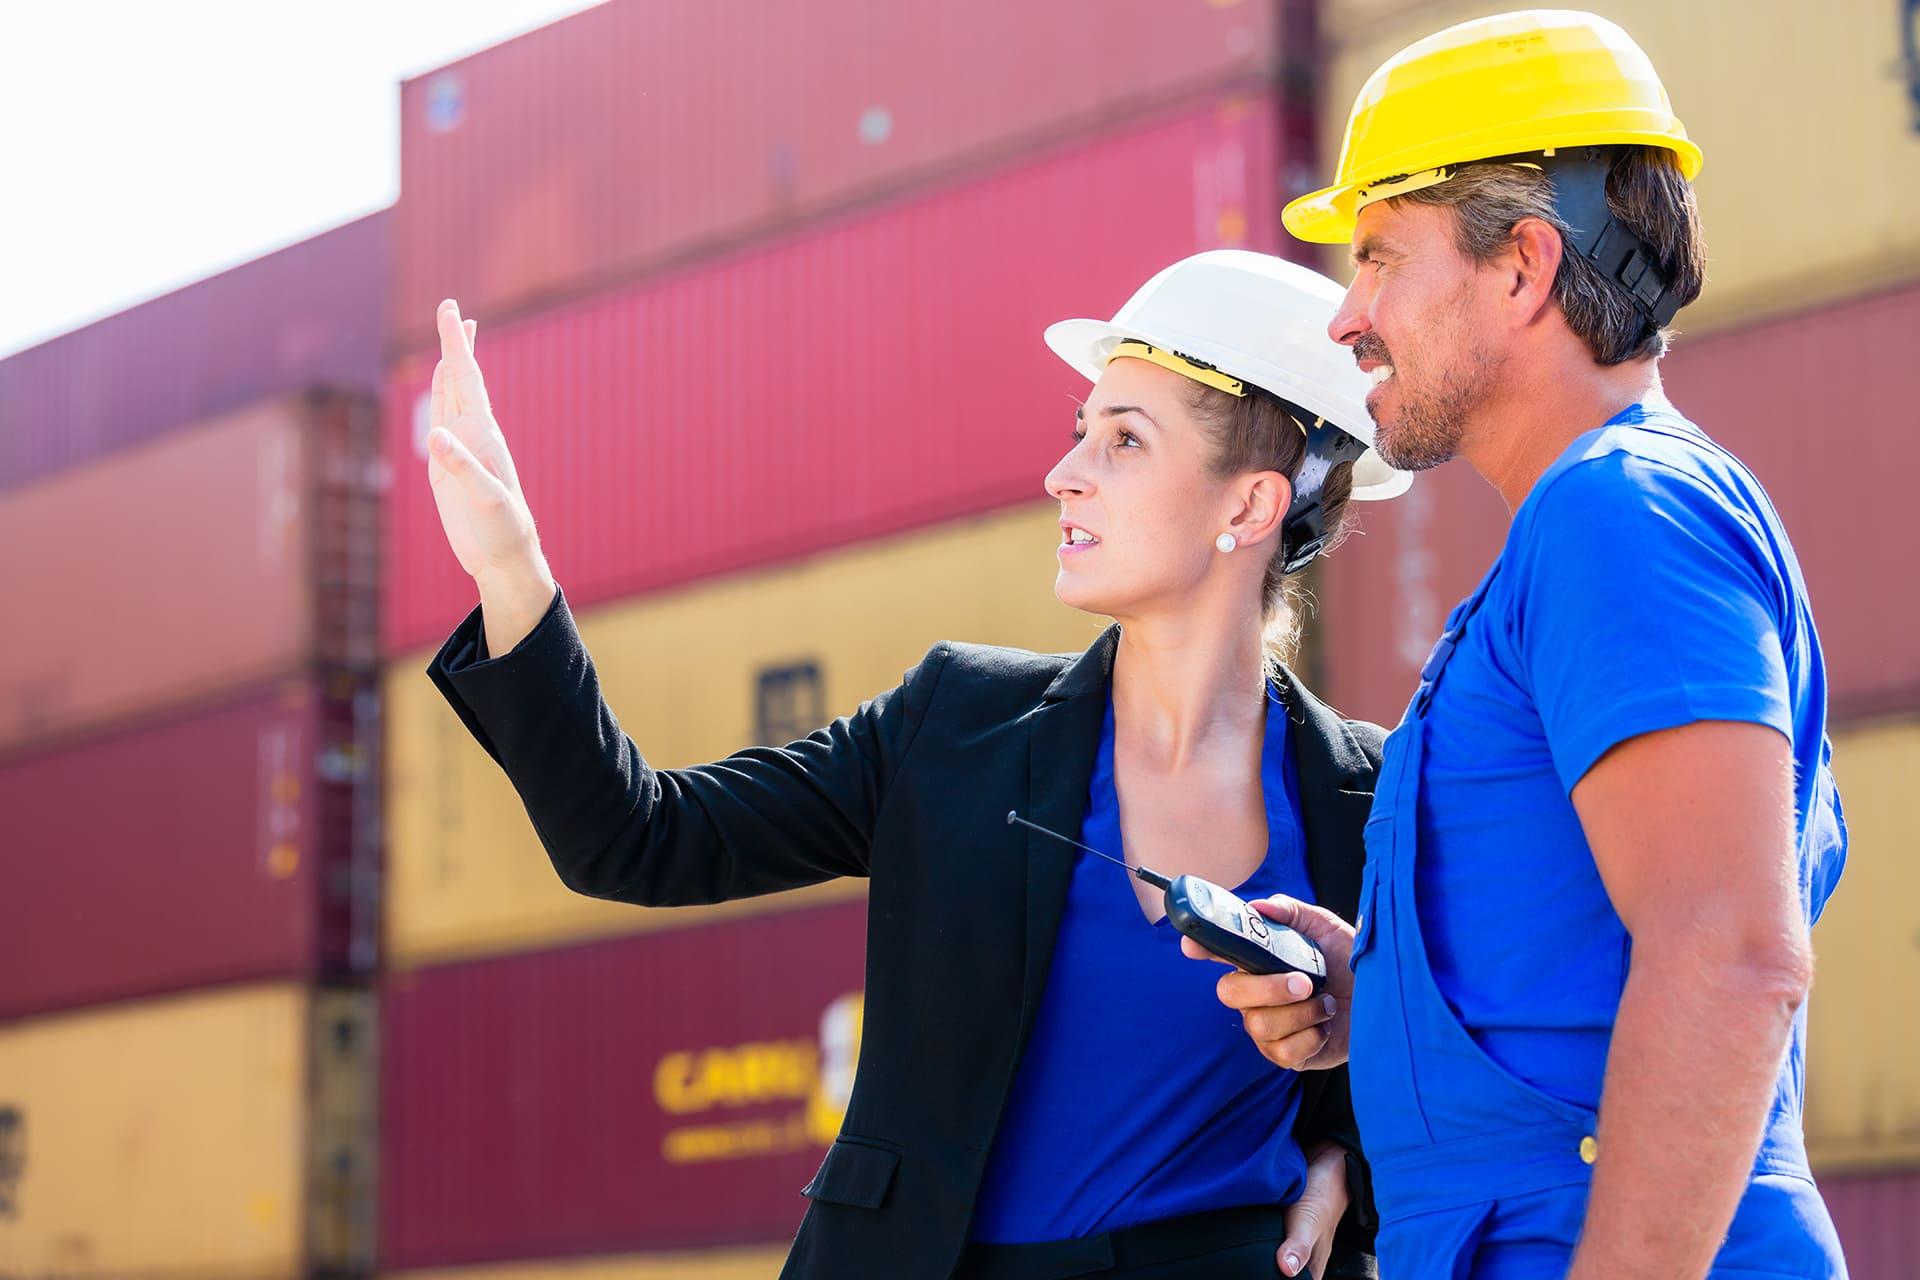 man en vrouw bij containers